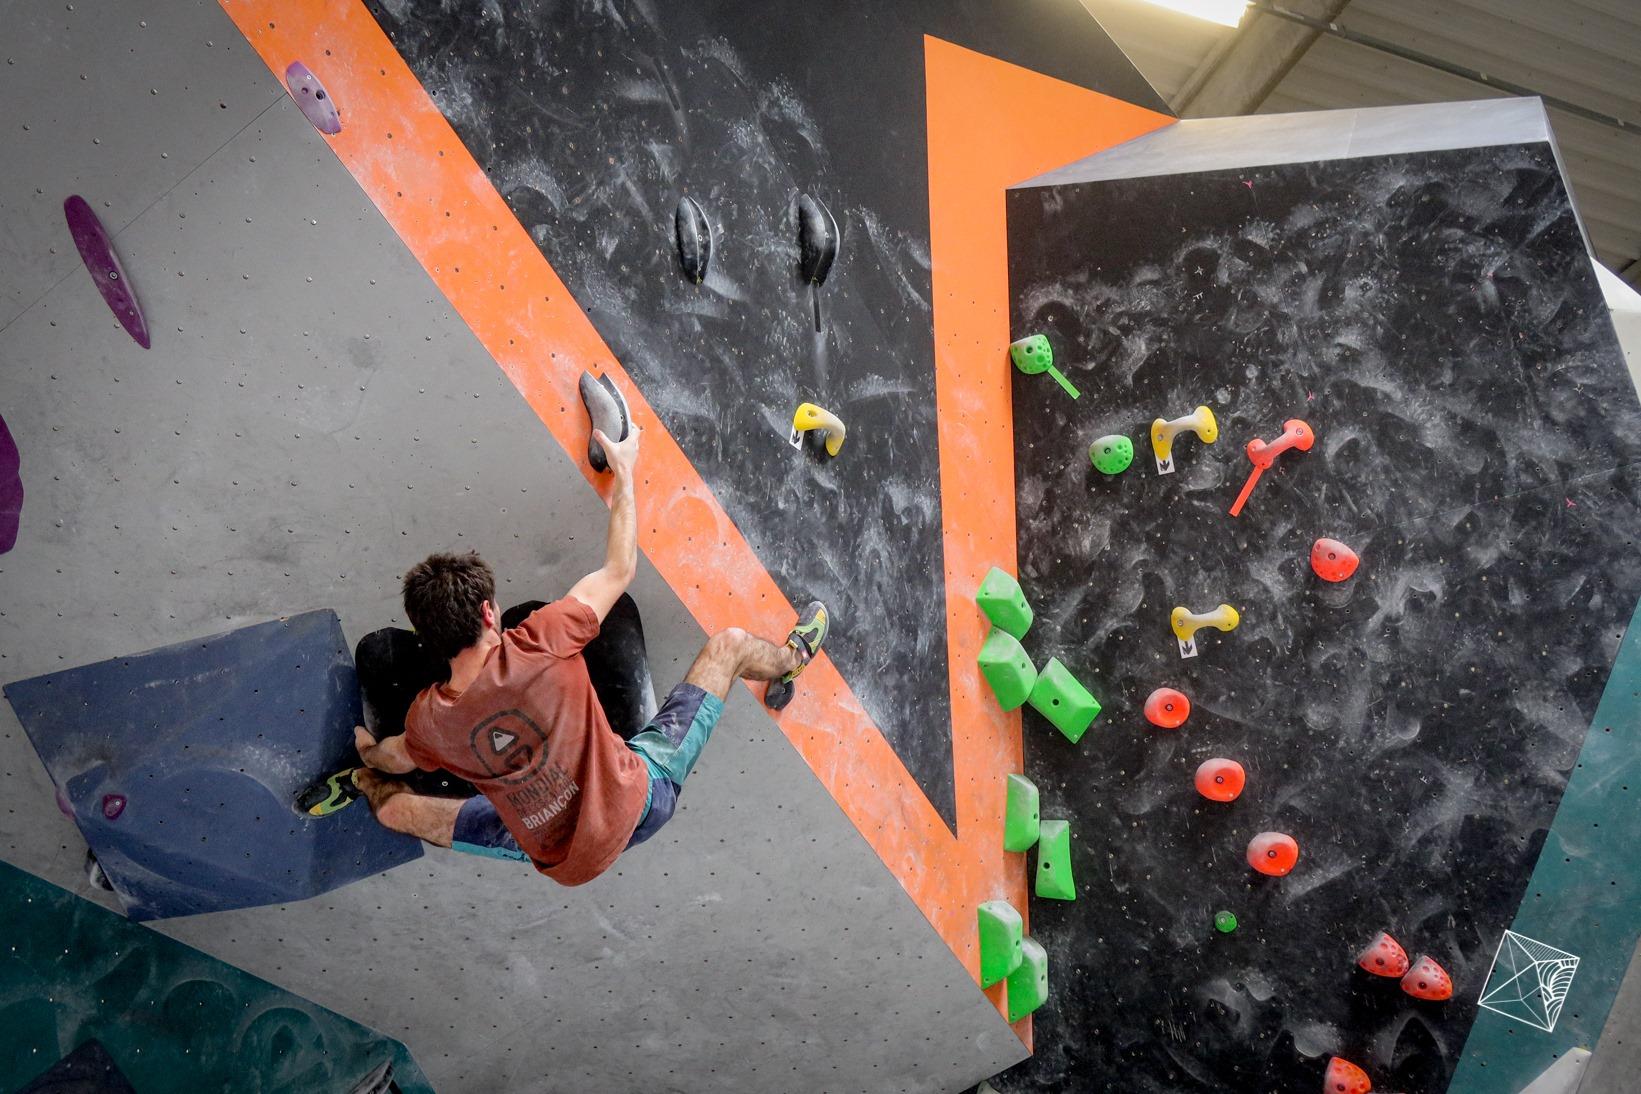 Men On Bloc ce mercredi 14 juillet dans votre salle Vertical'Art, entrée gratuite pour les grimpeurs hommes, venez nombreux